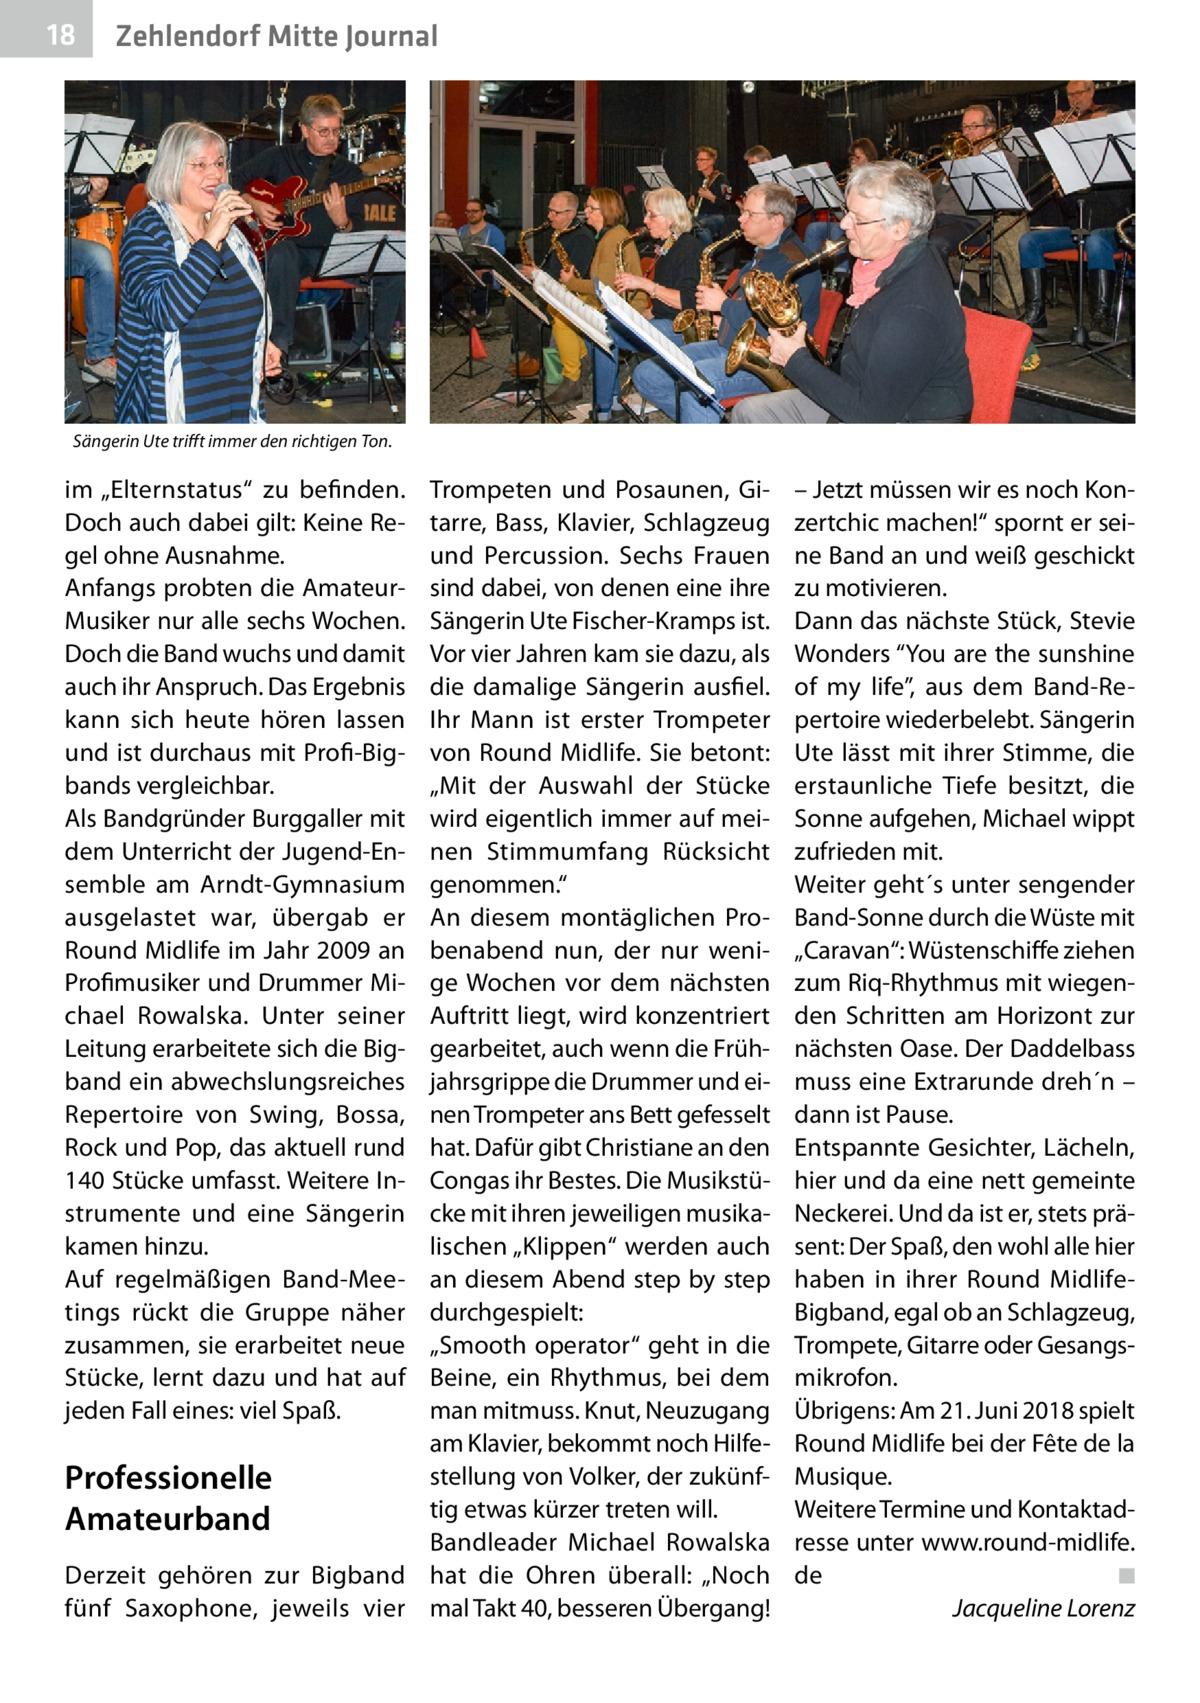 """18  Zehlendorf Mitte Journal  Sängerin Ute trifft immer den richtigen Ton.  im """"Elternstatus"""" zu befinden. Doch auch dabei gilt: Keine Regel ohne Ausnahme. Anfangs probten die AmateurMusiker nur alle sechs Wochen. Doch die Band wuchs und damit auch ihr Anspruch. Das Ergebnis kann sich heute hören lassen und ist durchaus mit Profi-Bigbands vergleichbar. Als Bandgründer Burggaller mit dem Unterricht der Jugend-Ensemble am Arndt-Gymnasium ausgelastet war, übergab er Round Midlife im Jahr2009 an Profimusiker und Drummer Michael Rowalska. Unter seiner Leitung erarbeitete sich die Bigband ein abwechslungsreiches Repertoire von Swing, Bossa, Rock und Pop, das aktuell rund 140Stücke umfasst. Weitere Instrumente und eine Sängerin kamen hinzu. Auf regelmäßigen Band-Meetings rückt die Gruppe näher zusammen, sie erarbeitet neue Stücke, lernt dazu und hat auf jeden Fall eines: viel Spaß.  Trompeten und Posaunen, Gitarre, Bass, Klavier, Schlagzeug und Percussion. Sechs Frauen sind dabei, von denen eine ihre Sängerin Ute Fischer-Kramps ist. Vor vier Jahren kam sie dazu, als die damalige Sängerin ausfiel. Ihr Mann ist erster Trompeter von Round Midlife. Sie betont: """"Mit der Auswahl der Stücke wird eigentlich immer auf meinen Stimmumfang Rücksicht genommen."""" An diesem montäglichen Probenabend nun, der nur wenige Wochen vor dem nächsten Auftritt liegt, wird konzentriert gearbeitet, auch wenn die Frühjahrsgrippe die Drummer und einen Trompeter ans Bett gefesselt hat. Dafür gibt Christiane an den Congas ihr Bestes. Die Musikstücke mit ihren jeweiligen musikalischen """"Klippen"""" werden auch an diesem Abend step by step durchgespielt: """"Smooth operator"""" geht in die Beine, ein Rhythmus, bei dem man mitmuss. Knut, Neuzugang am Klavier, bekommt noch Hilfestellung von Volker, der zukünfProfessionelle tig etwas kürzer treten will. Amateurband Bandleader Michael Rowalska Derzeit gehören zur Bigband hat die Ohren überall: """"Noch fünf Saxophone, jeweils vier mal Takt40, besseren Übergang!  – Jetzt mü"""